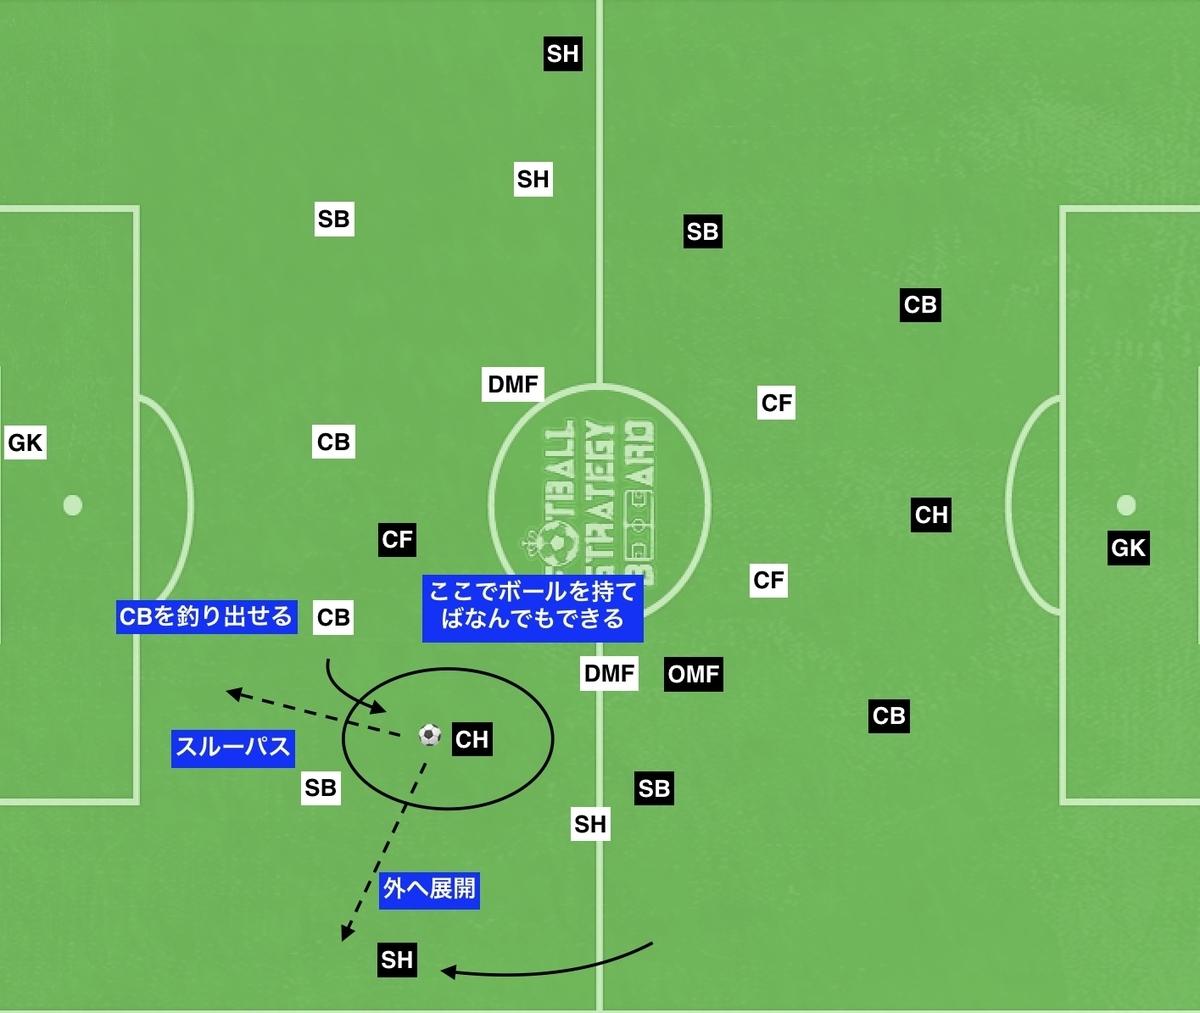 f:id:football-analyst:20191001234354j:plain